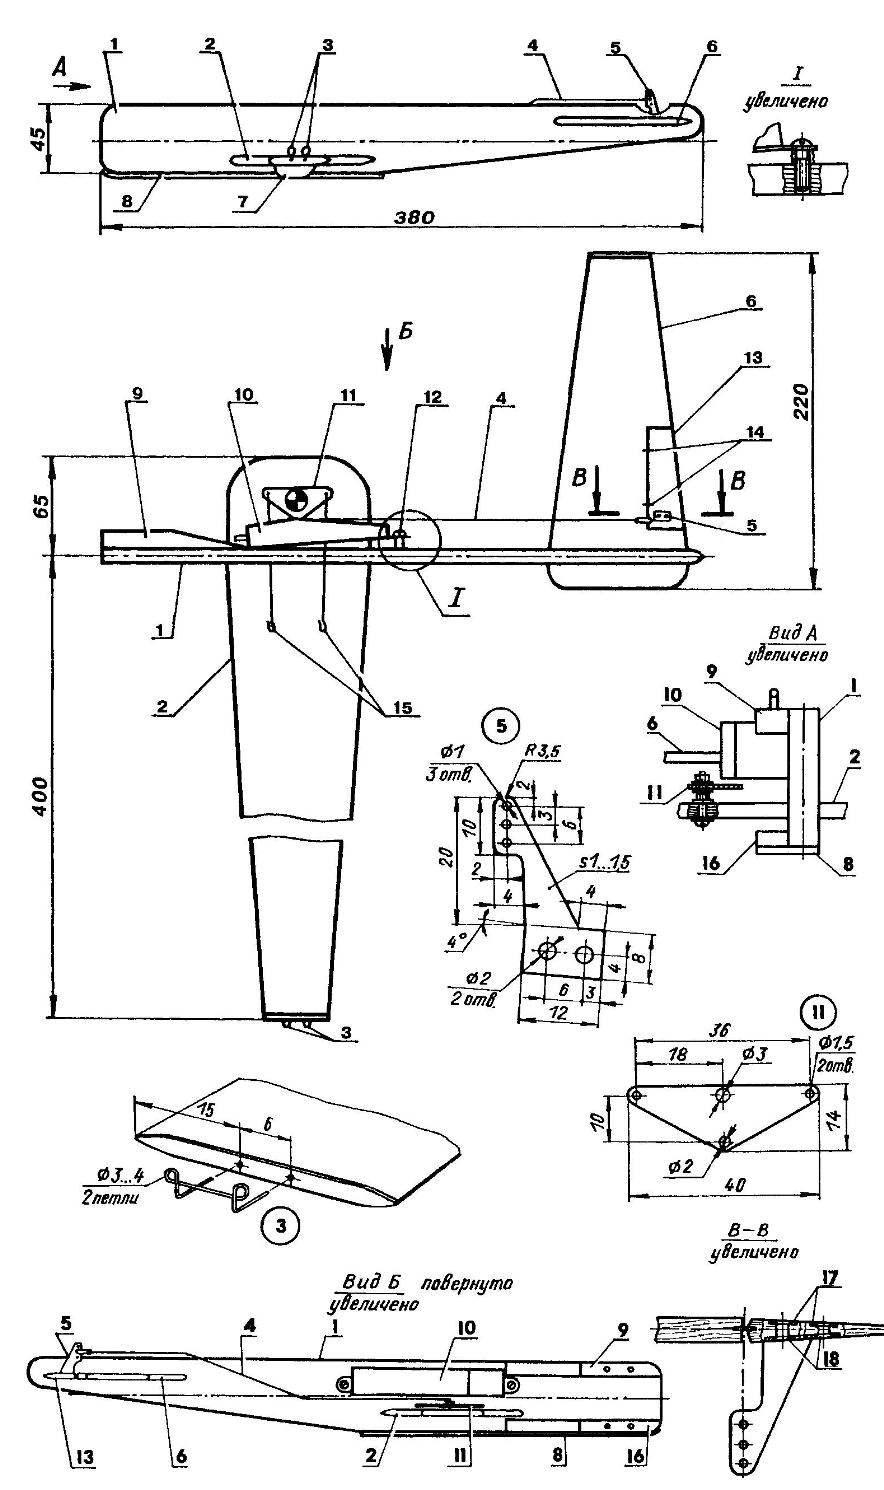 схема авиамодельного